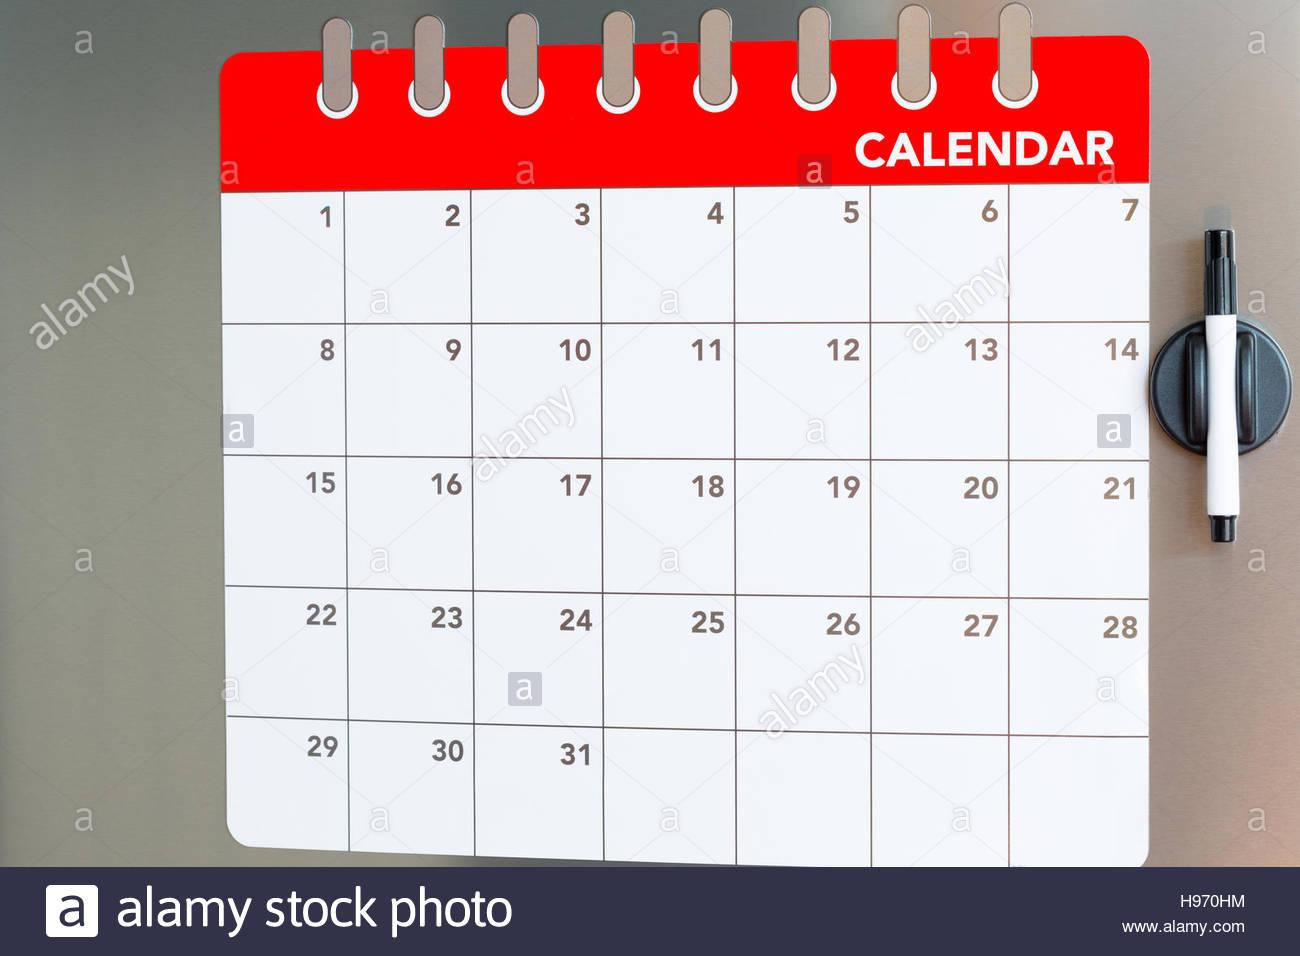 Kühlschrank Kalender : Kalender von magneten die monatlich in den kühlschrank stecken